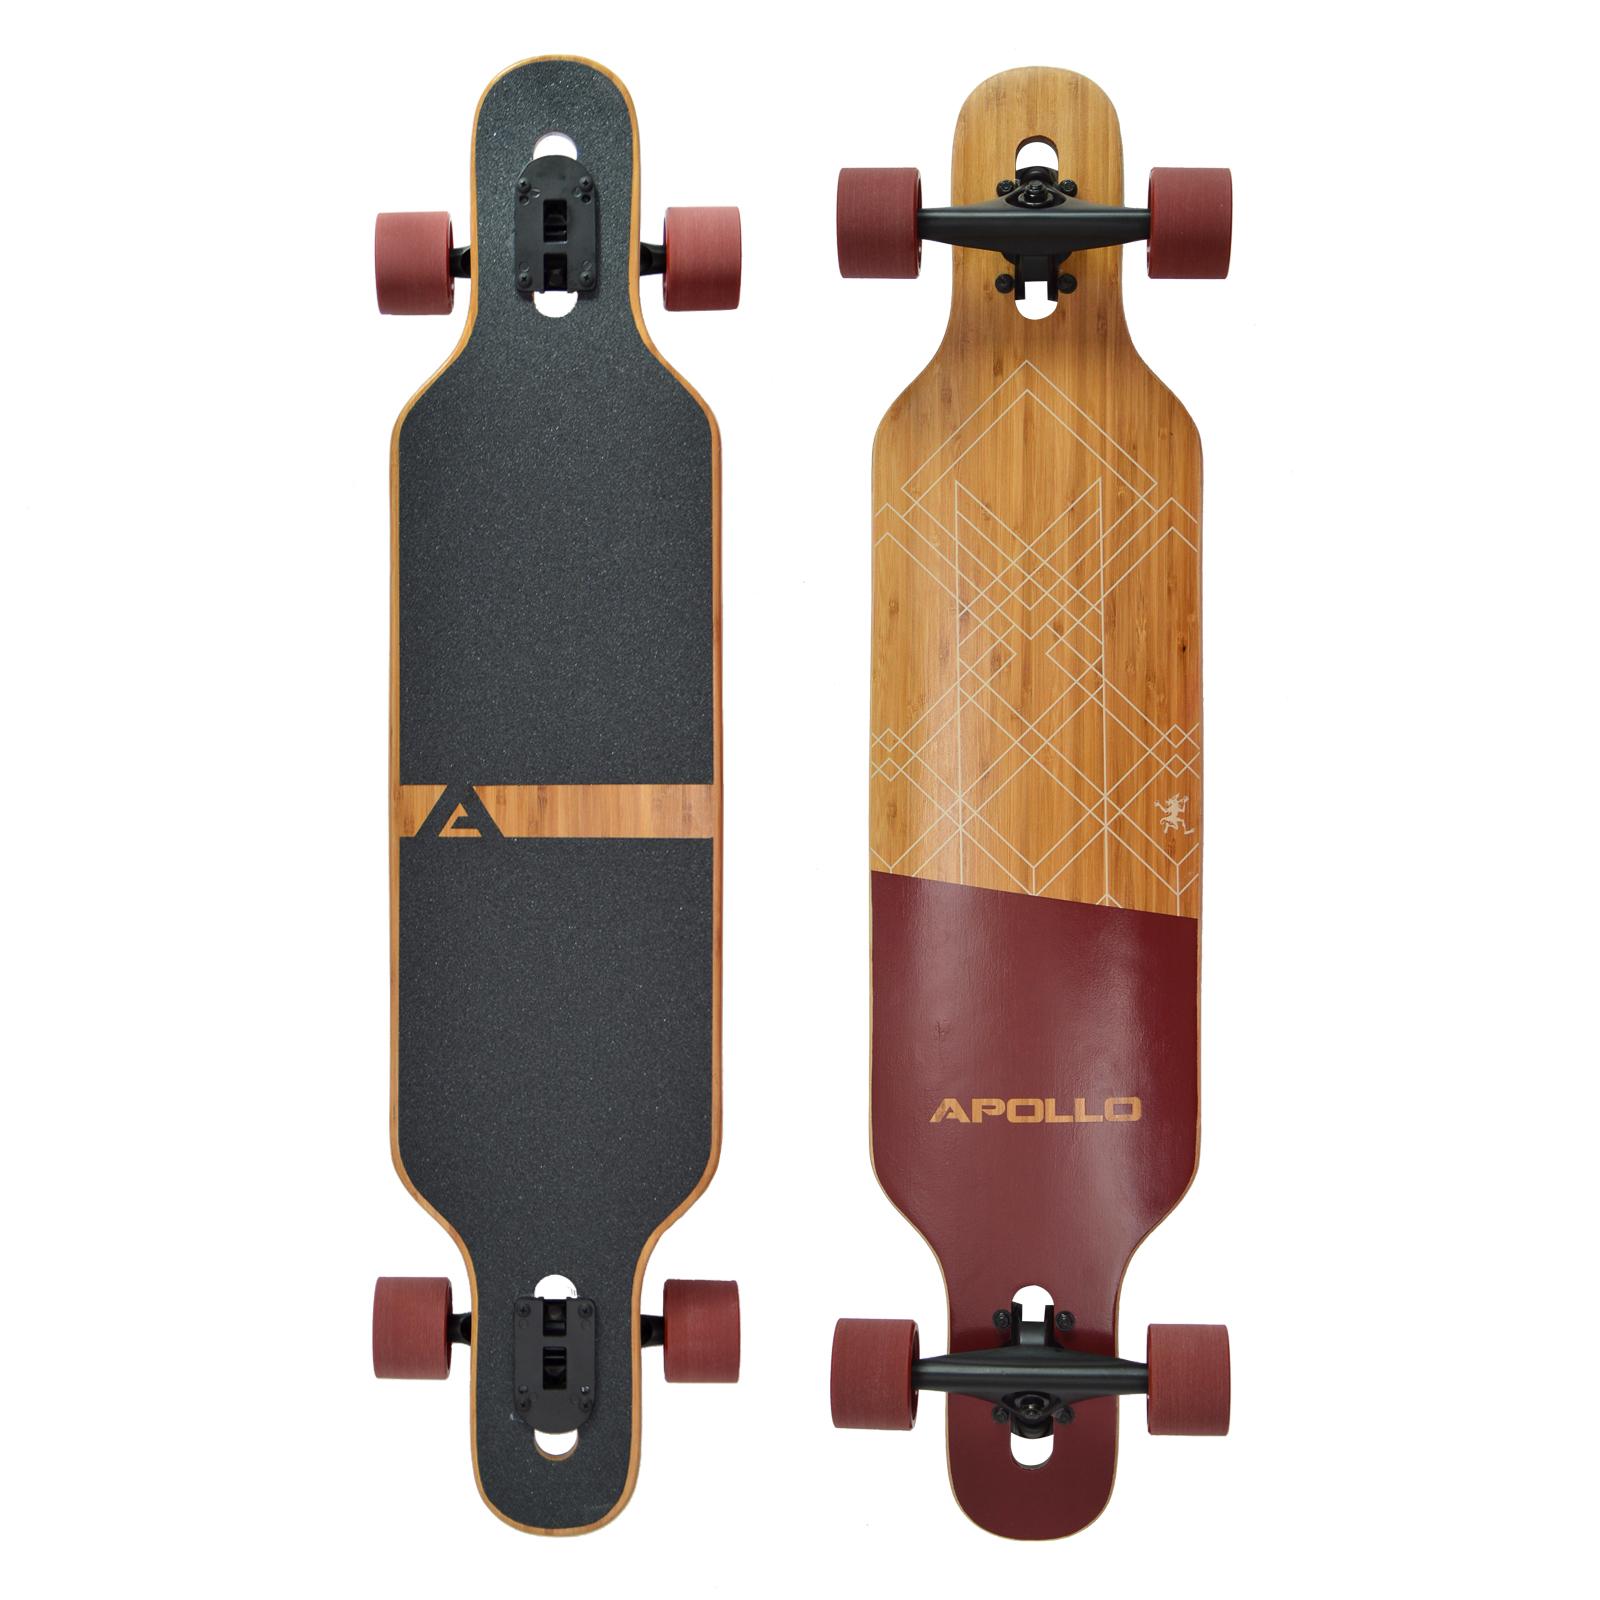 Bali TwinTip DT Longboard von Apollo Länge: 99,5cm Breite: 22cm